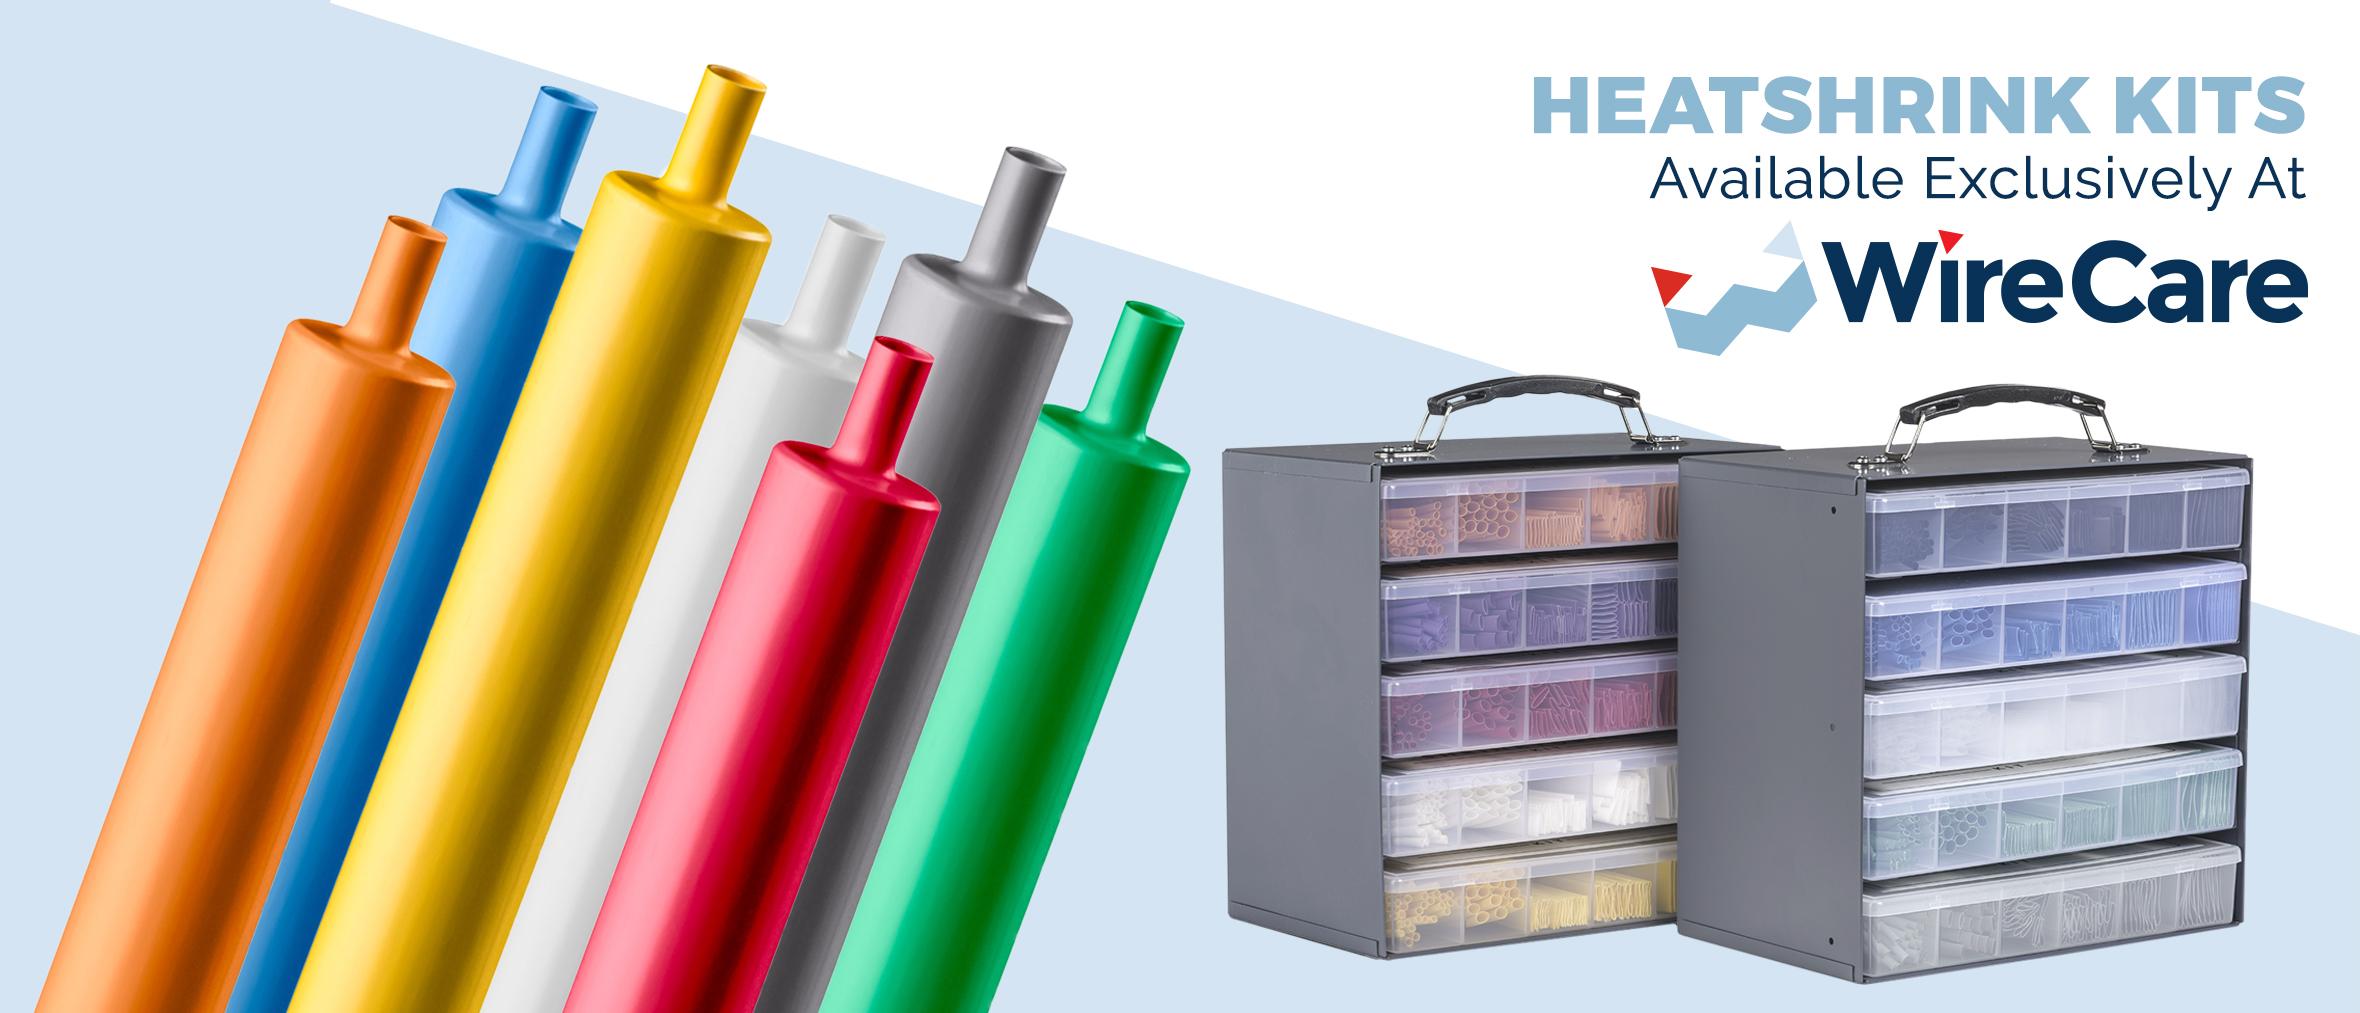 Heatshrink Kits